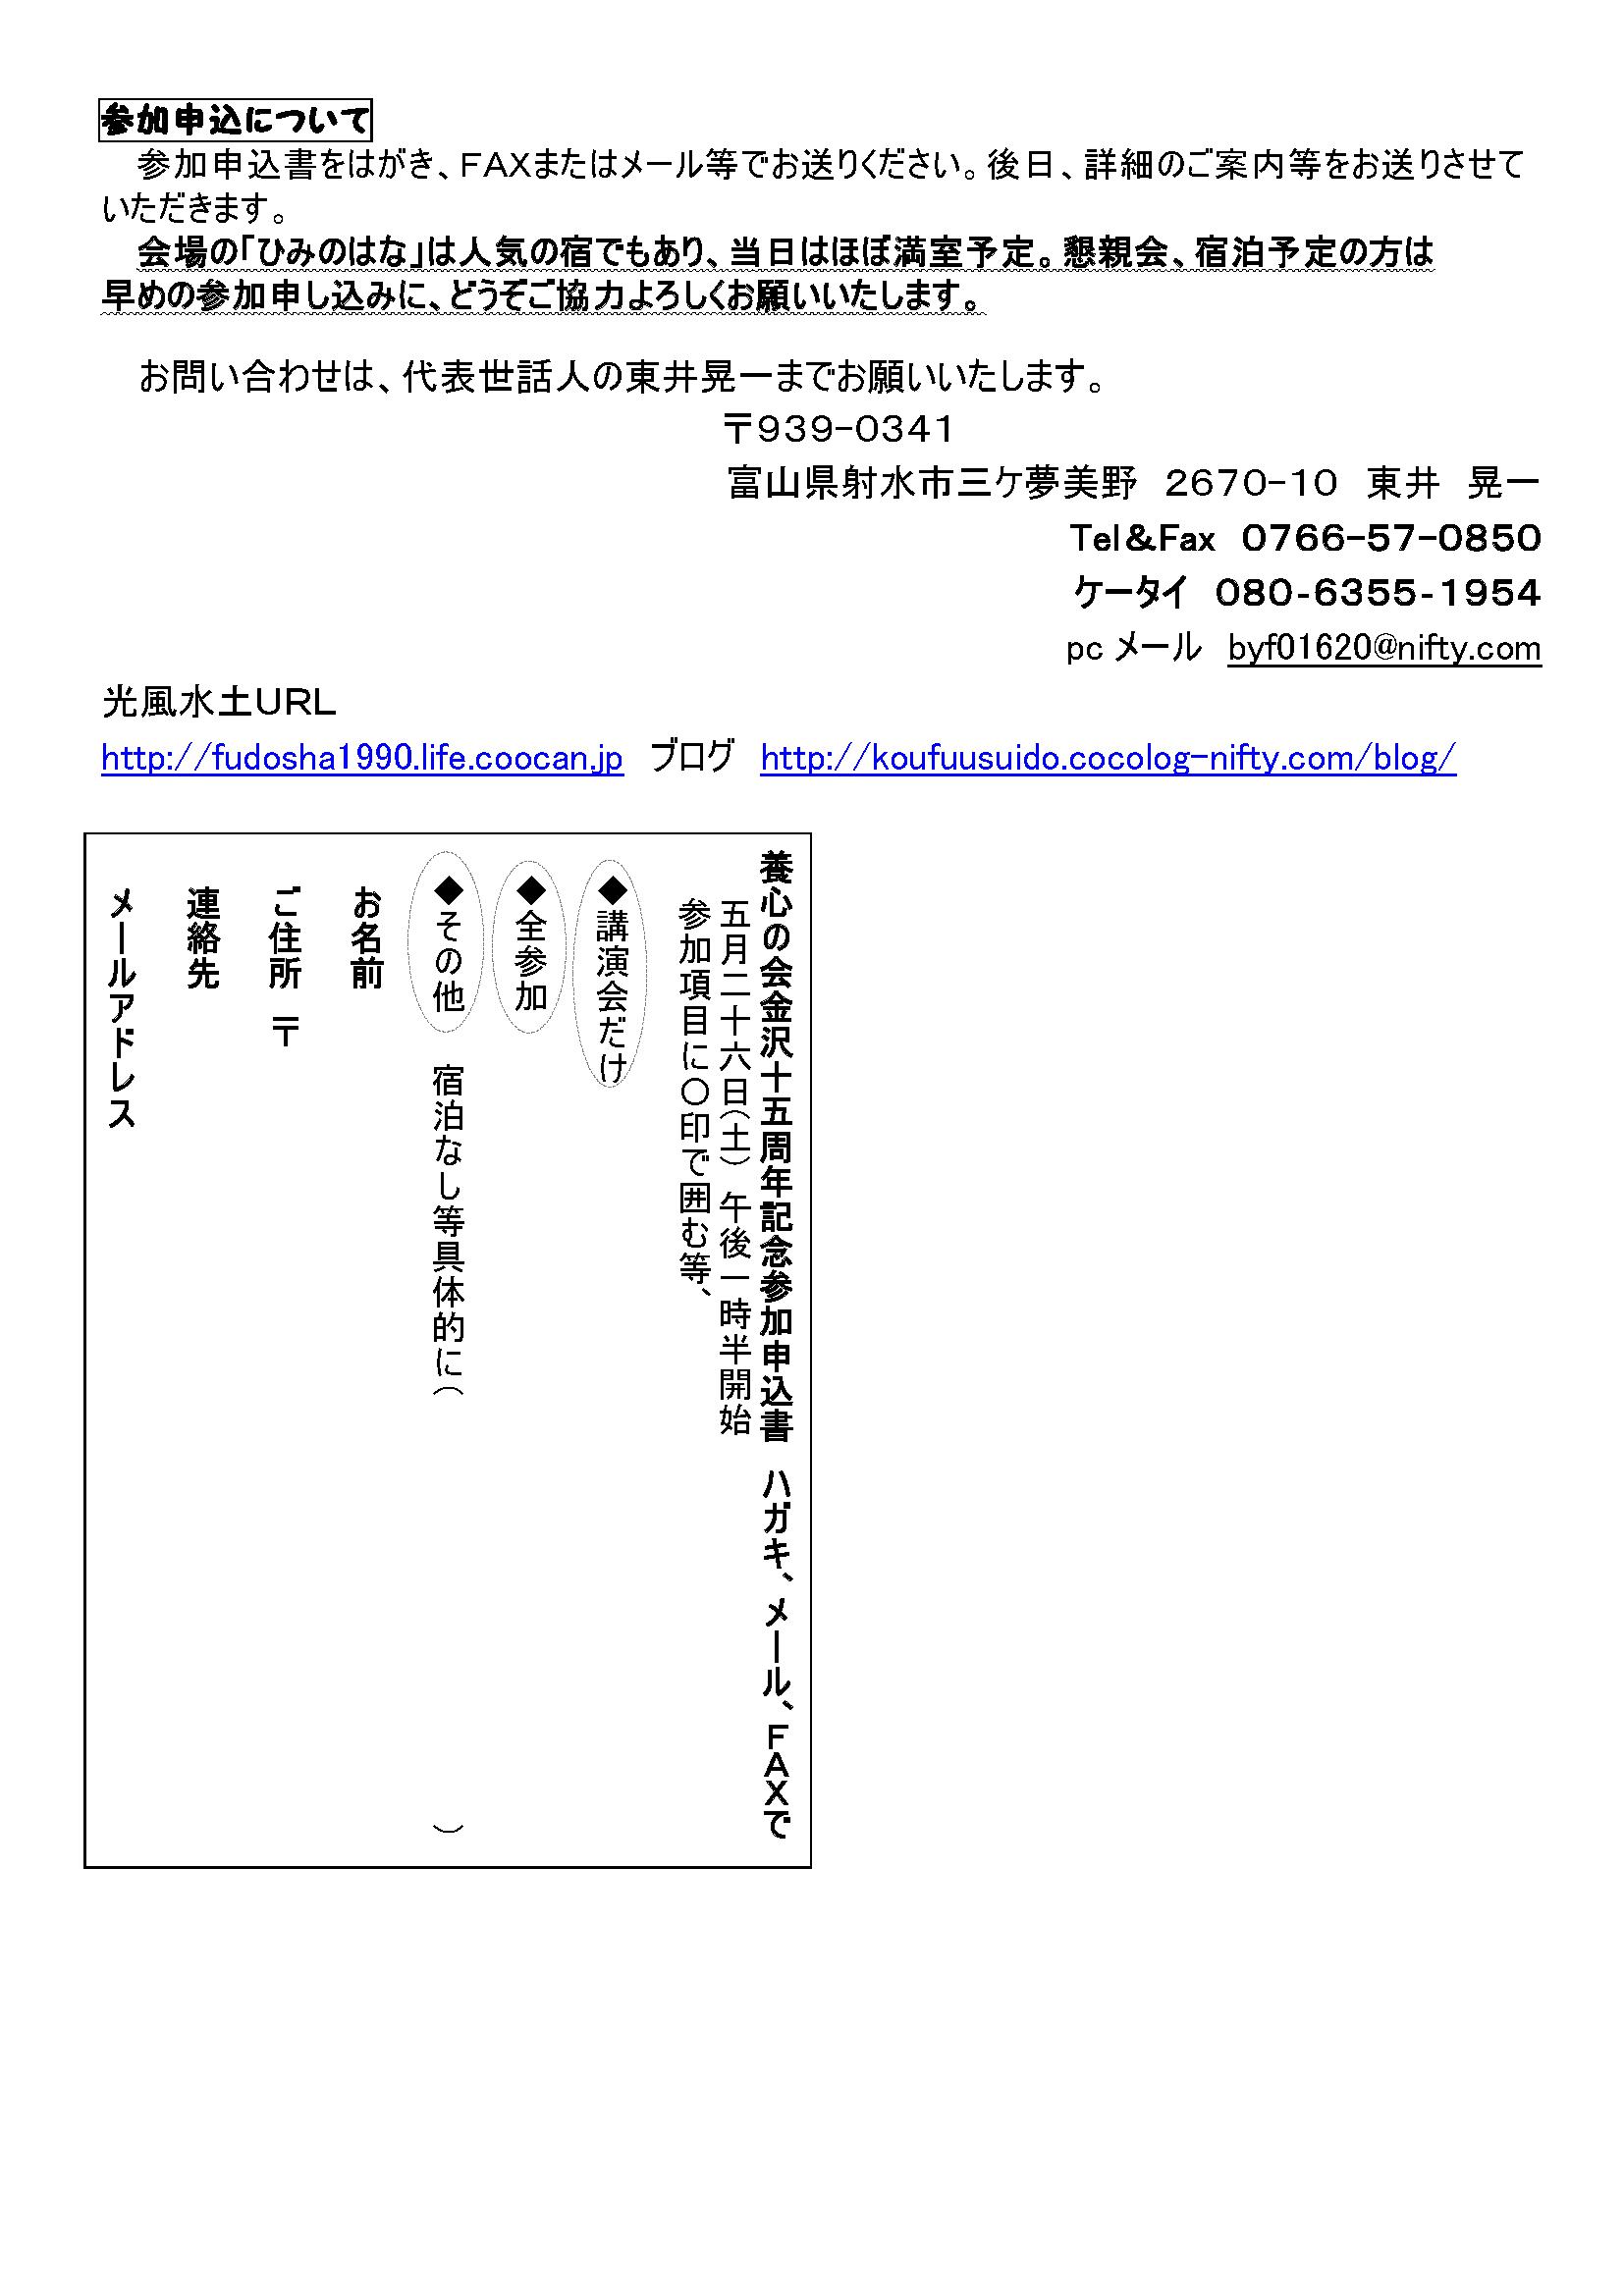 養心の会金沢十五周年記念例会のご案内チラシ_ページ_2